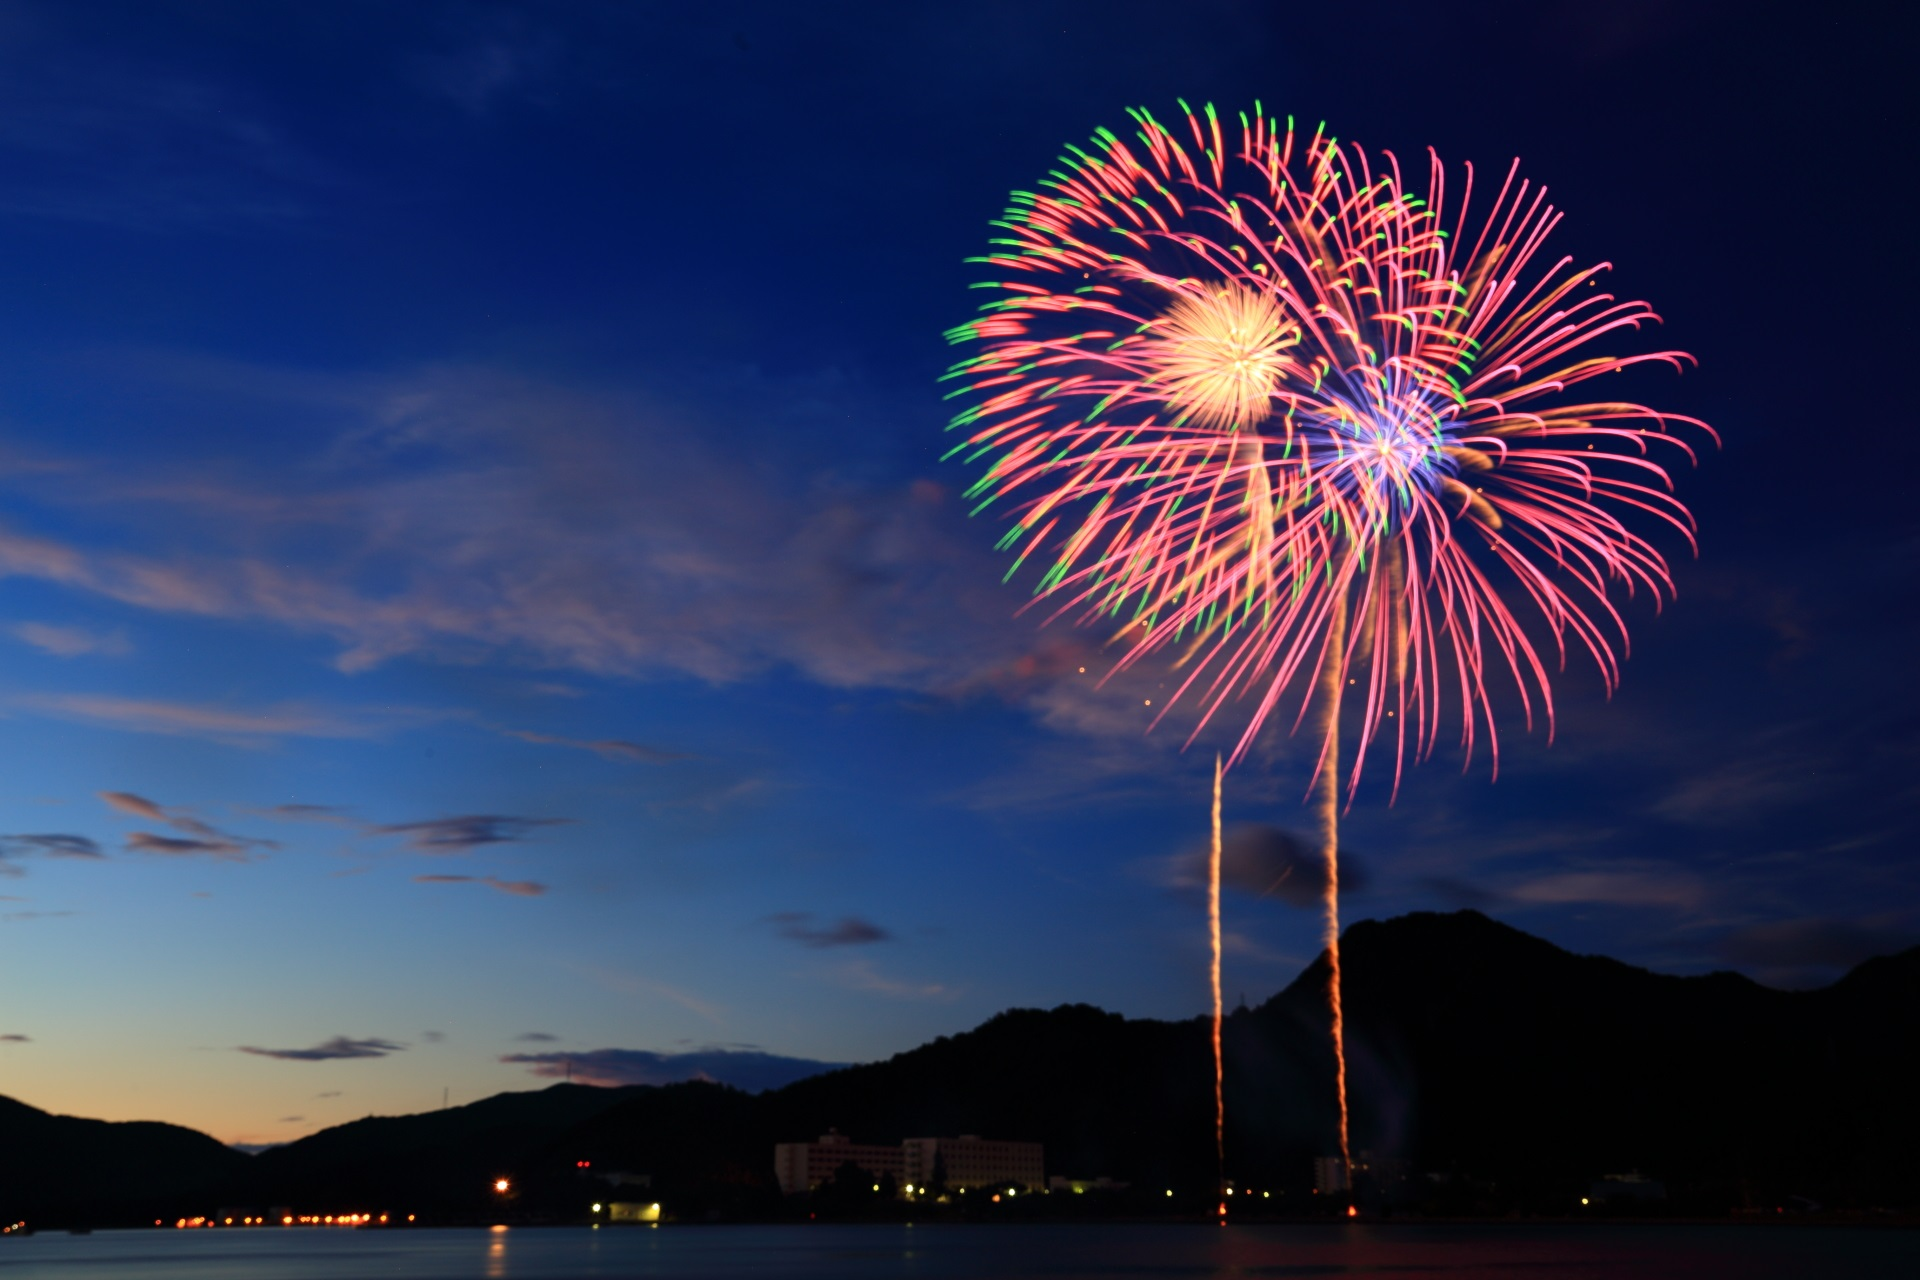 打ち上げ数は約5,000発の舞鶴ちゃったまつり花火大会